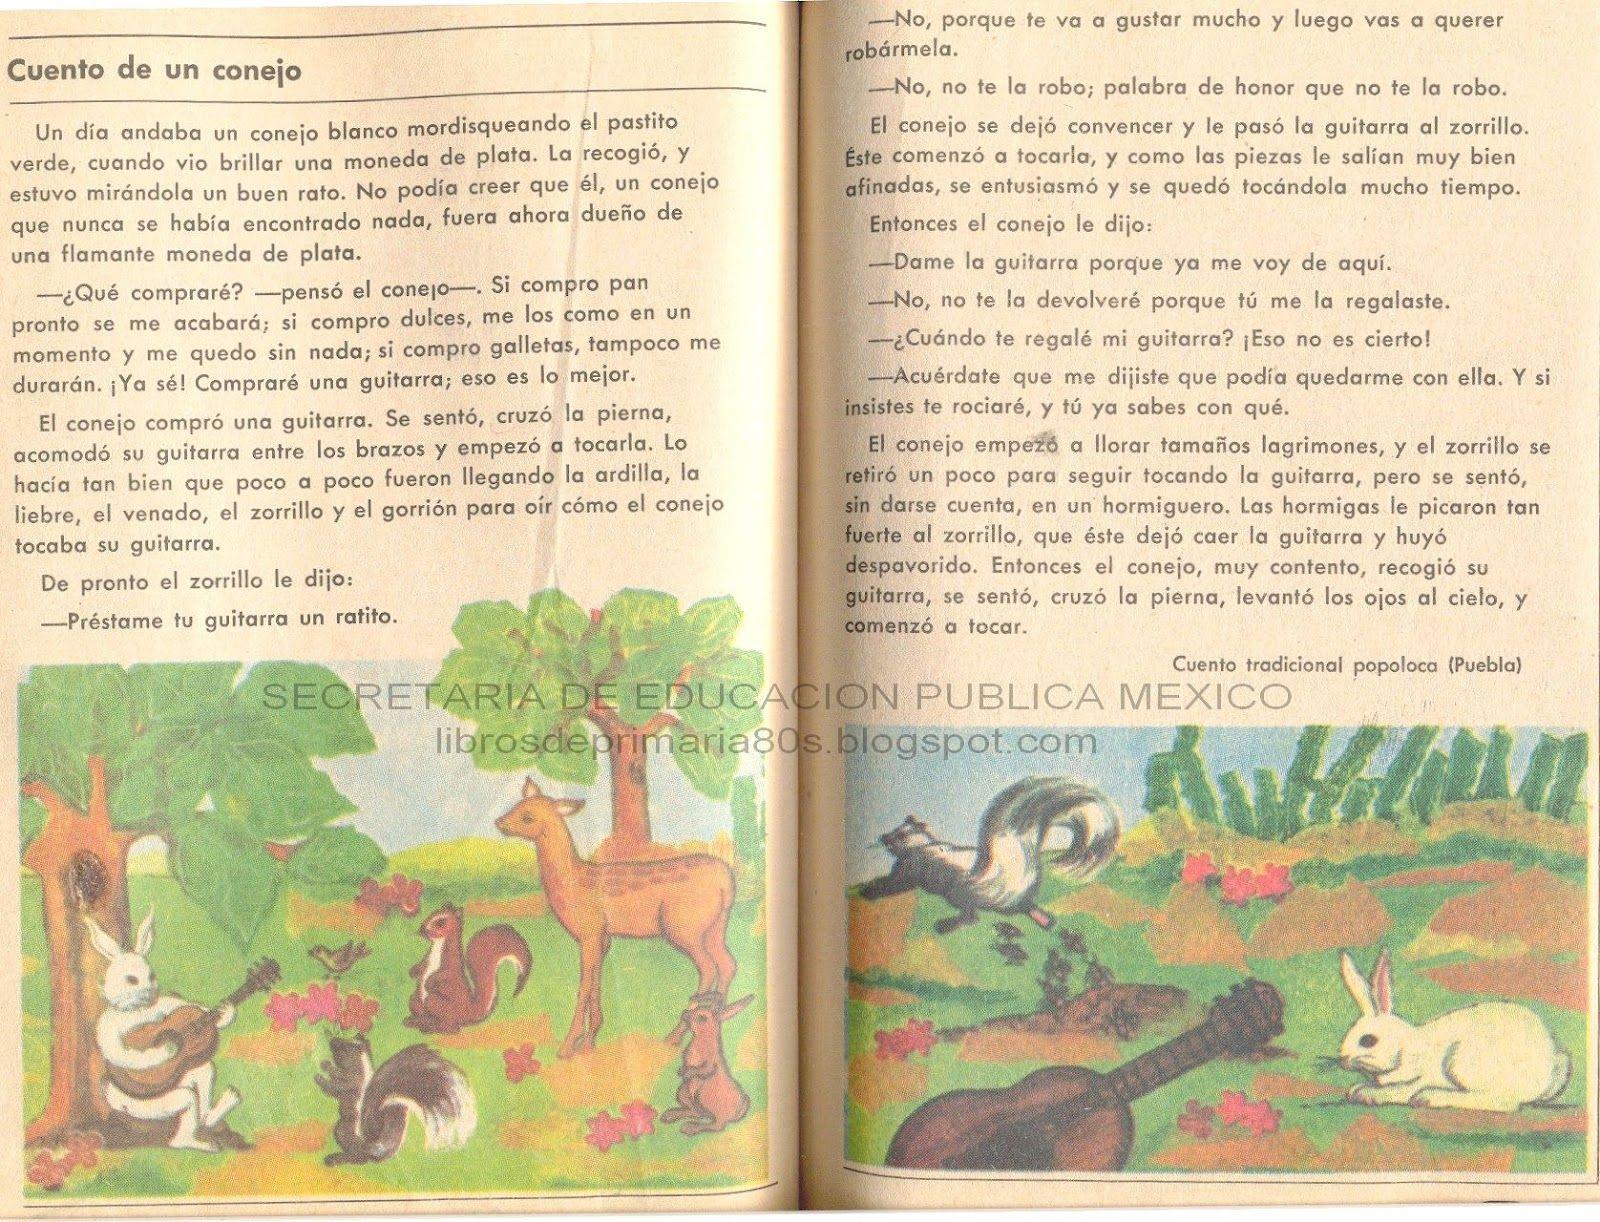 CUENTO MEXICANO. UN CUENTO DE UN CONEJO | Libros de primaria ...